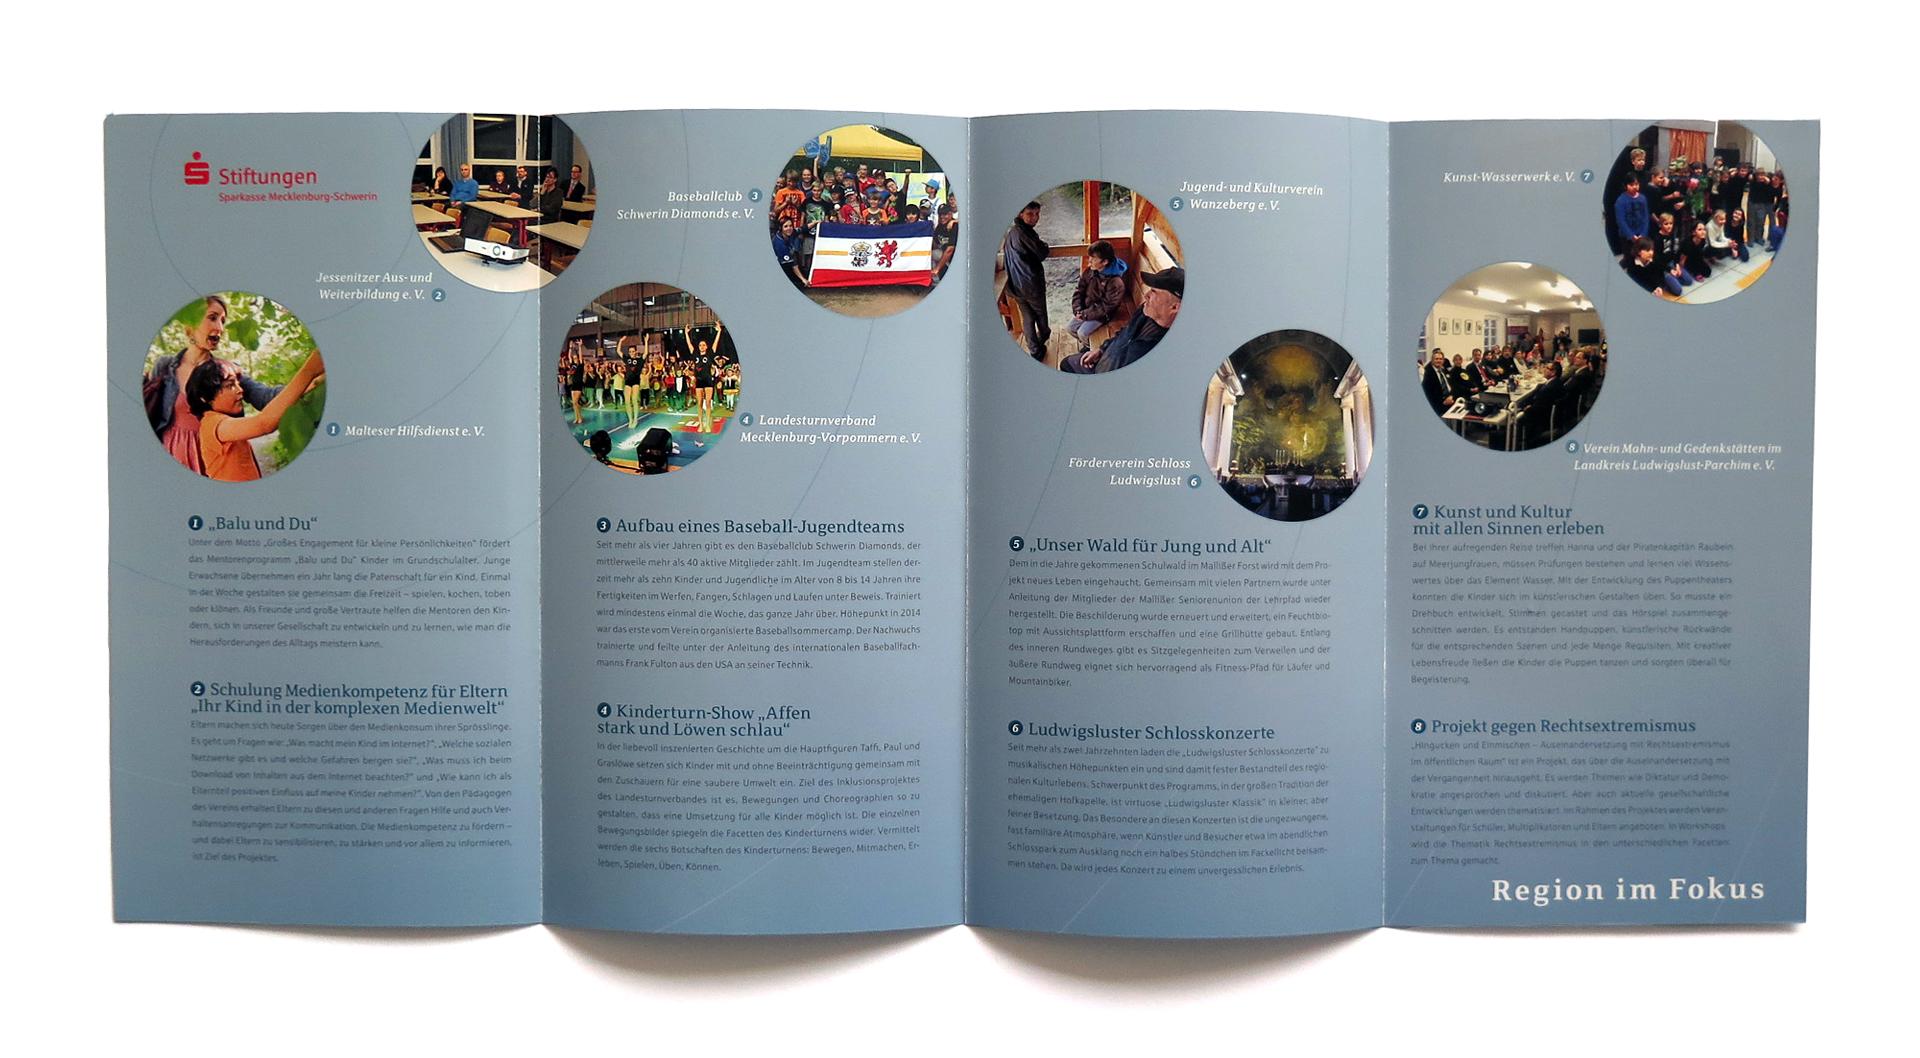 sparkasse-stiftungsbericht-2014-design